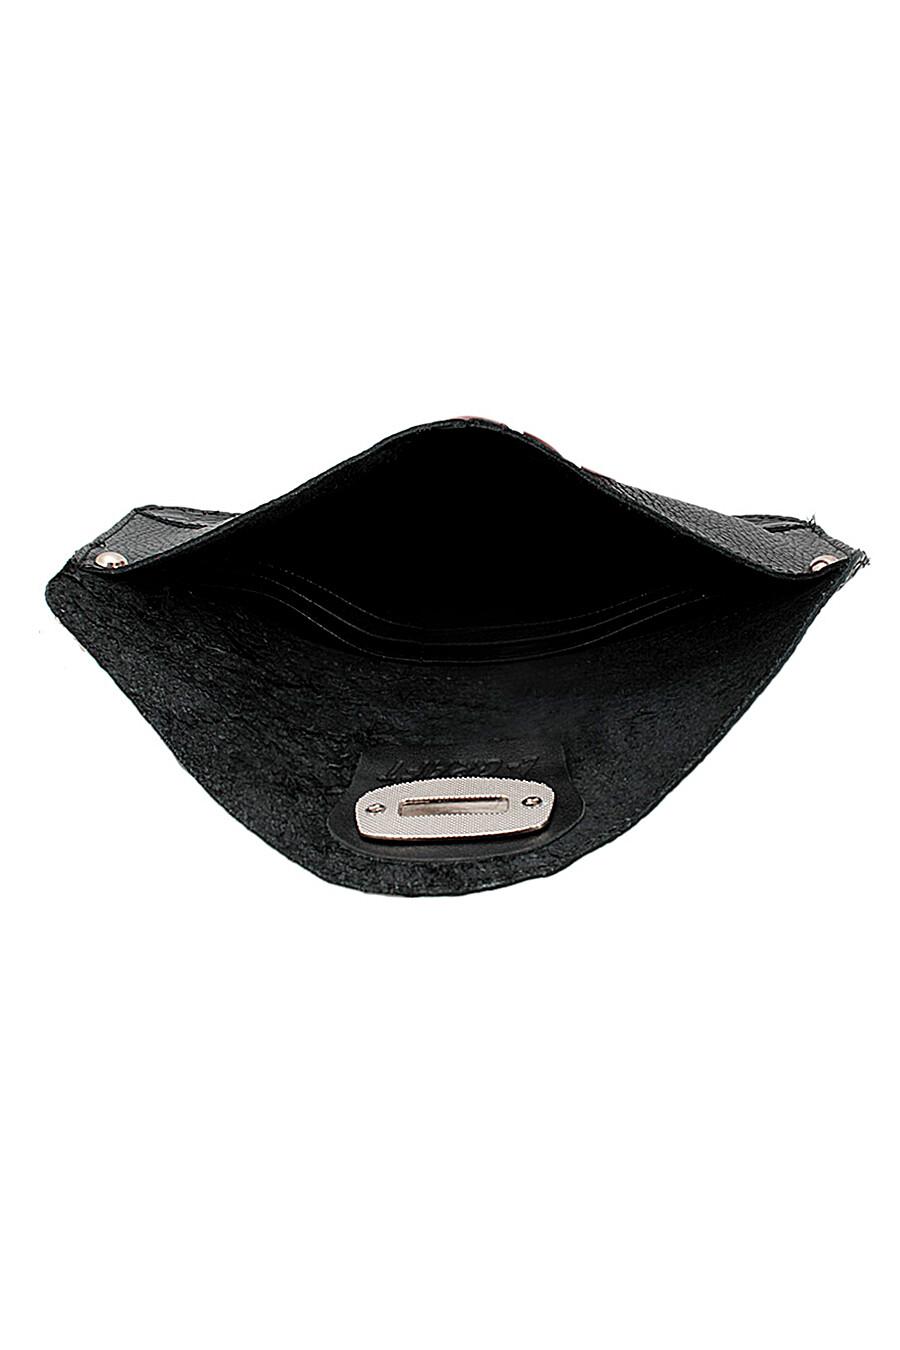 Кошелек для женщин L-CRAFT 668274 купить оптом от производителя. Совместная покупка женской одежды в OptMoyo